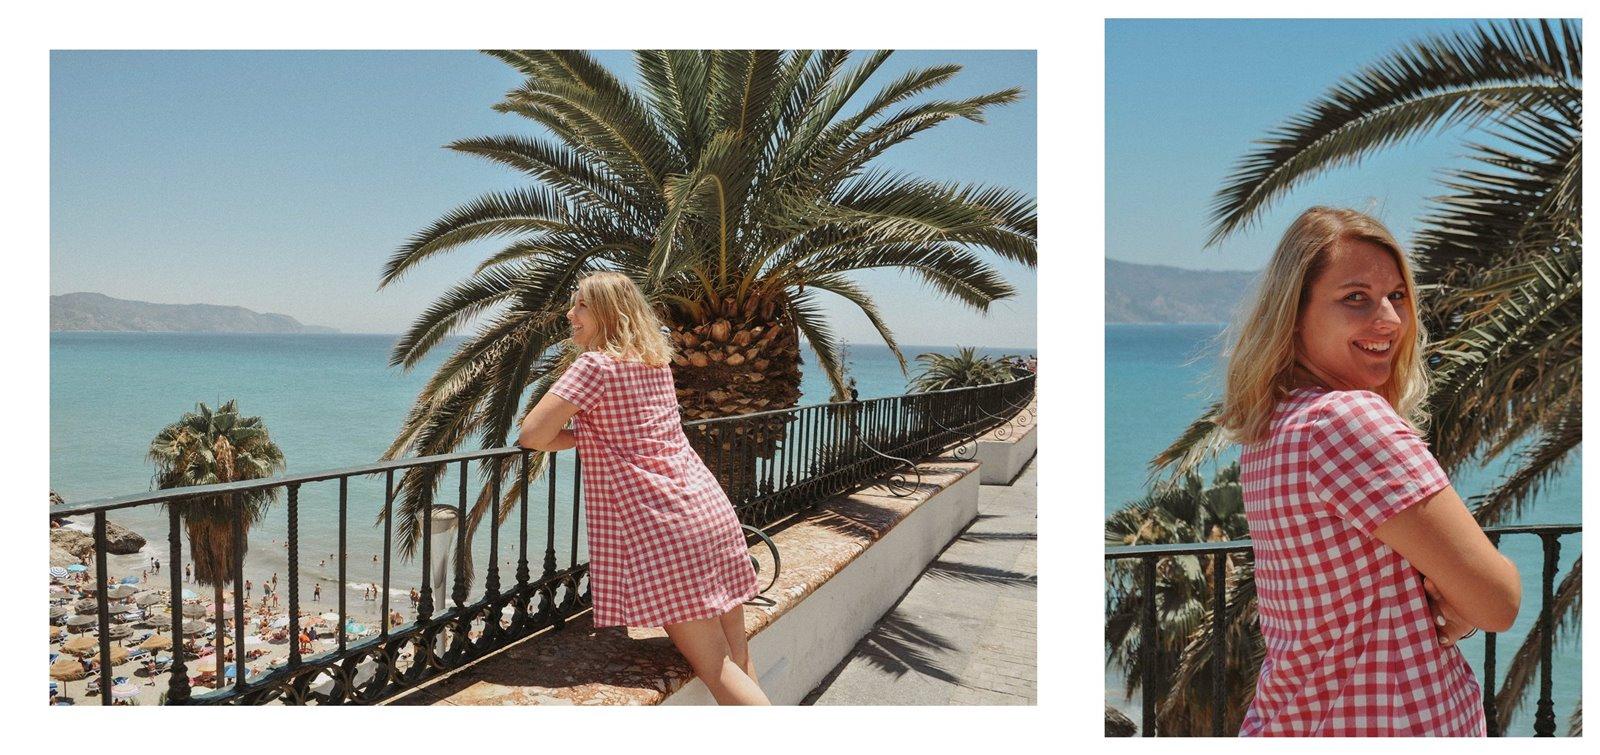 4a sukienka dziewczęca krata ubrania dla mam i córek krata różowa sukienka trapez 100% handmade polskie marki wspieram polskie nosze blog modowy melodylaniella fashion beauty style łódź inspiracje hiszpania w co się ubra